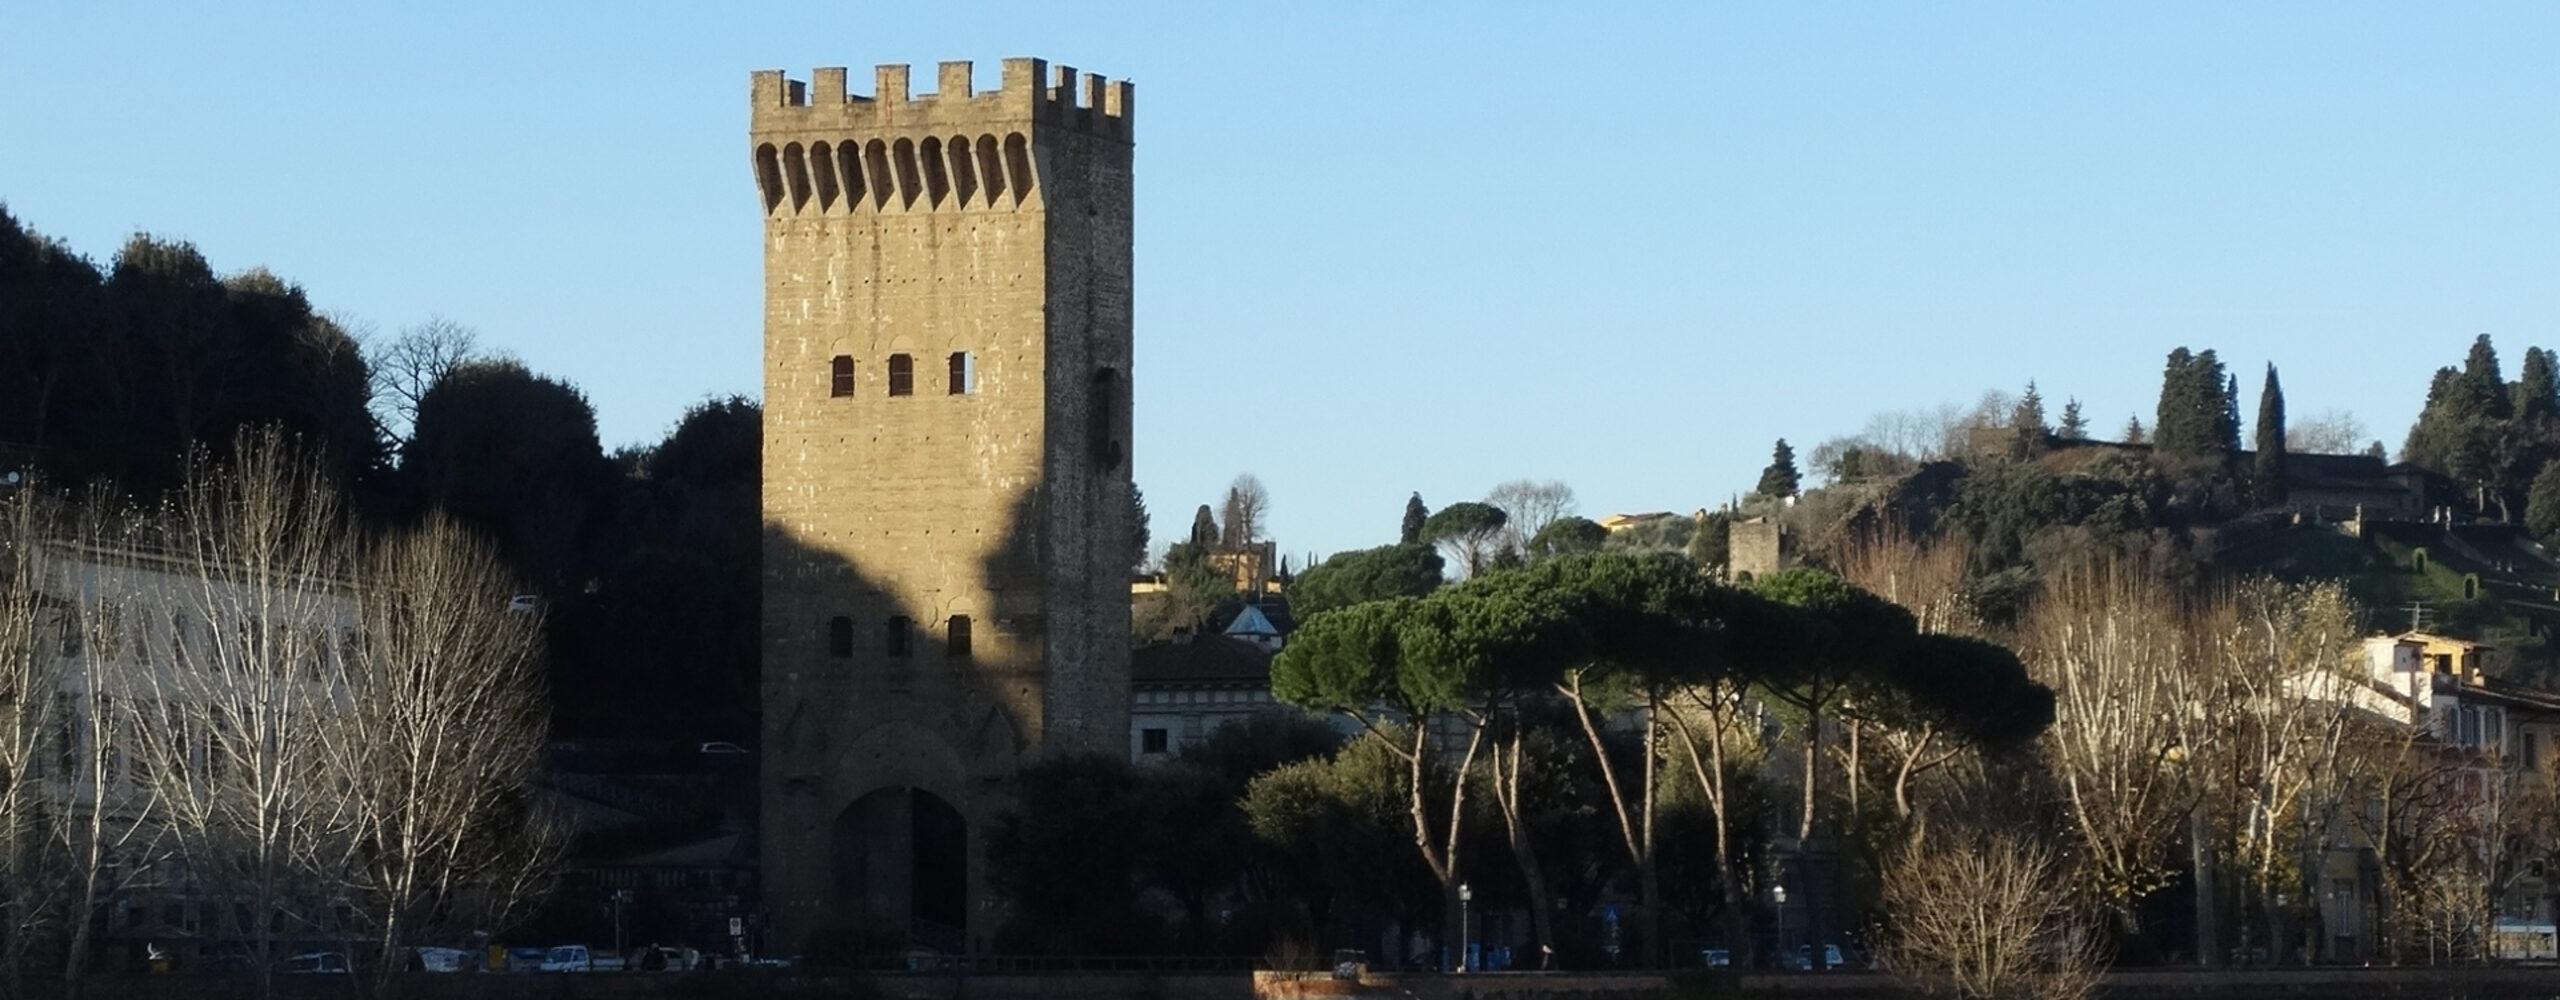 Флоренция, тыирис нежный… (А.Блок)